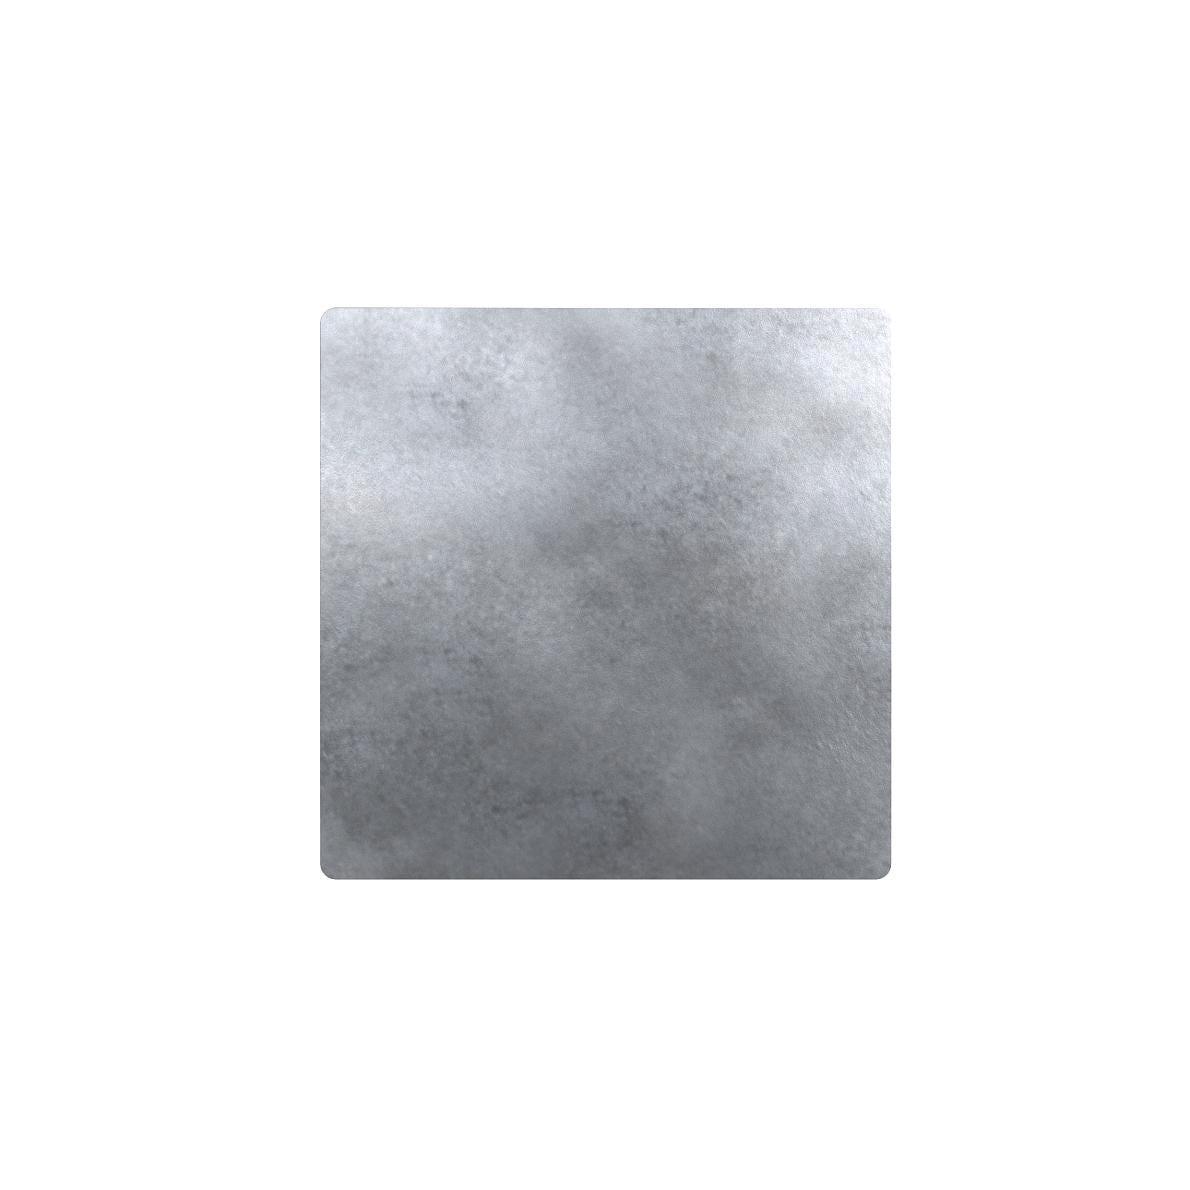 Nordlux Vegglampe Quadro Disc Galvanized